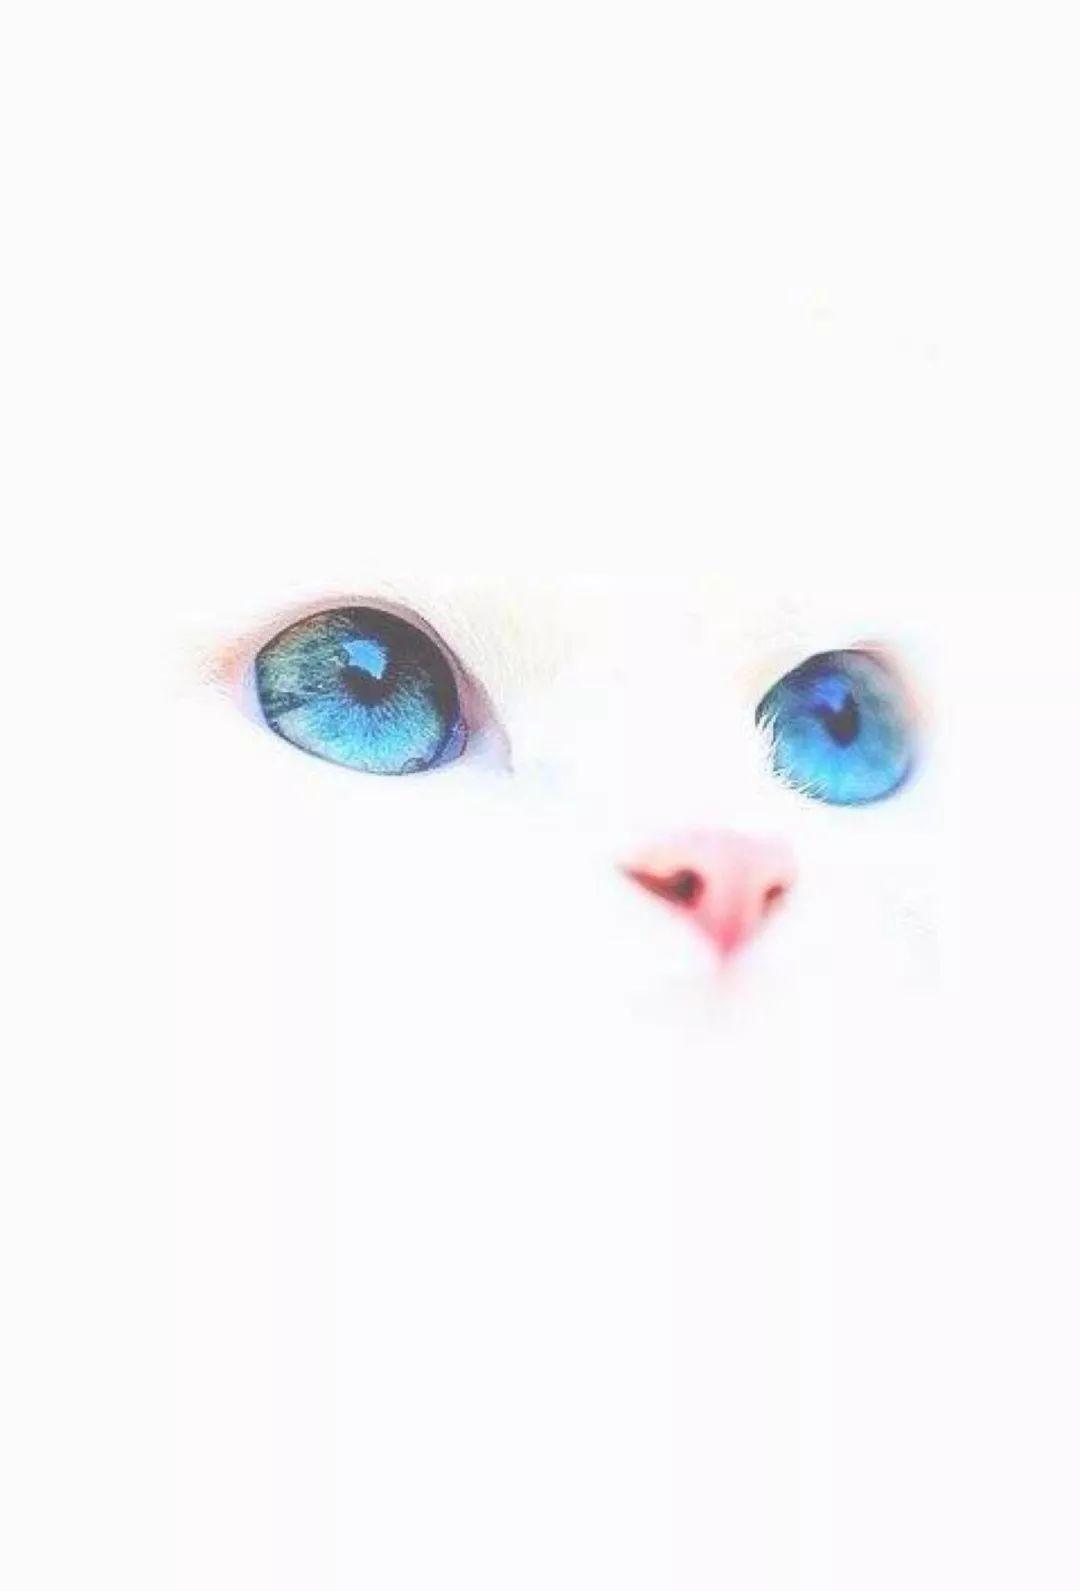 美娜美甲 无事吸猫 ins 猫眼甲跟风一波